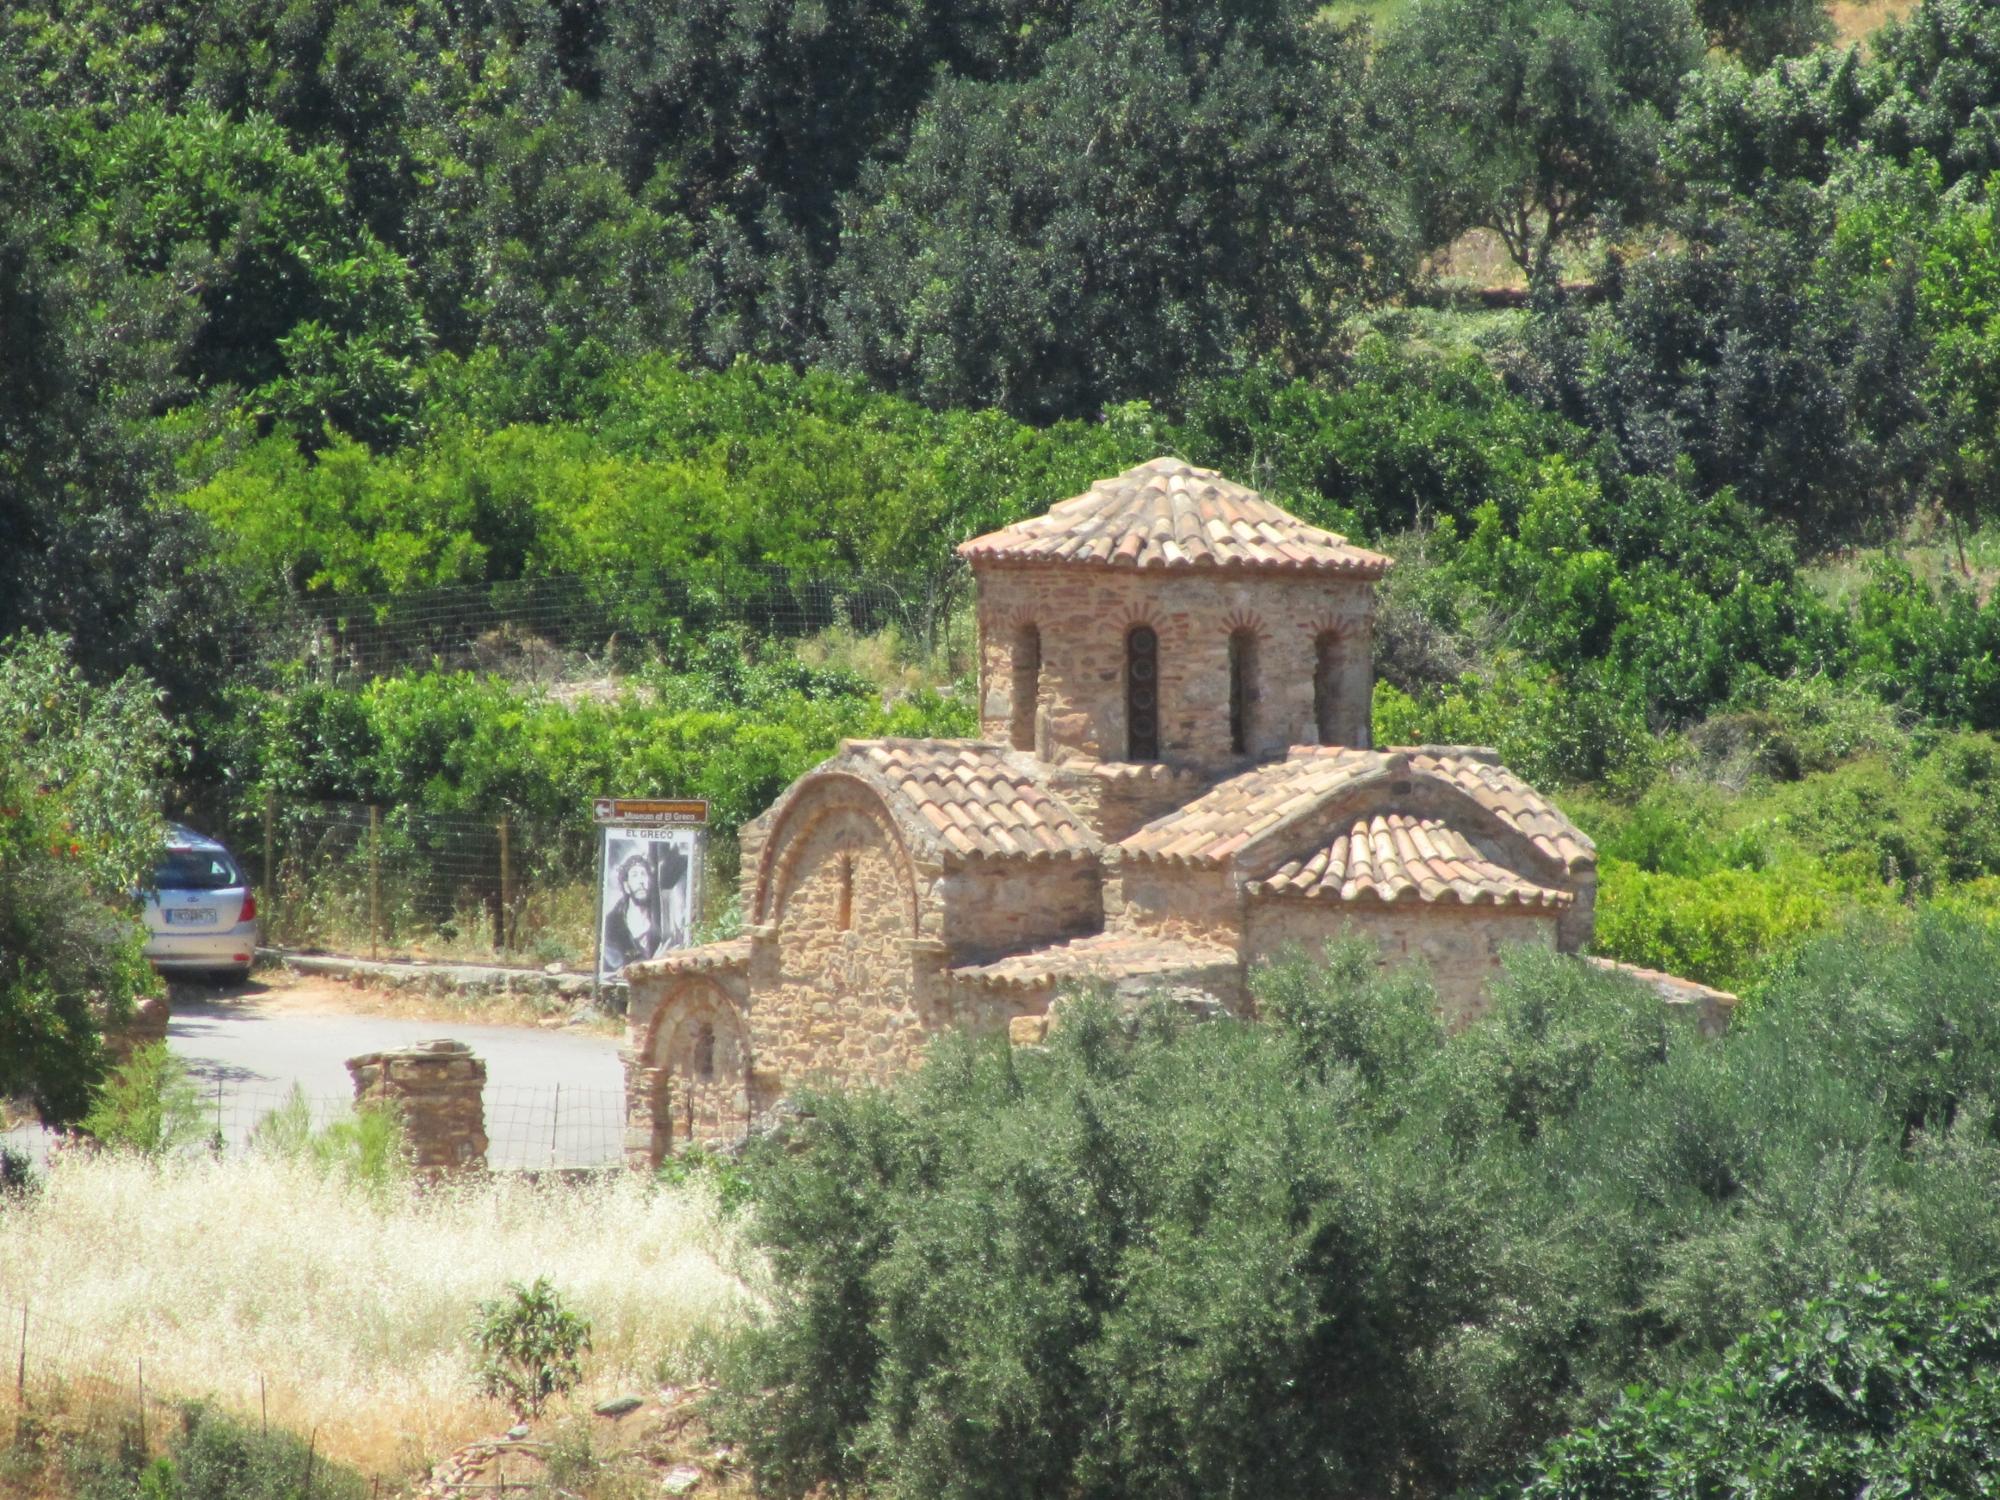 Про Грецию вам расскажу греция, евро, отдых, санкции, страна, туризм